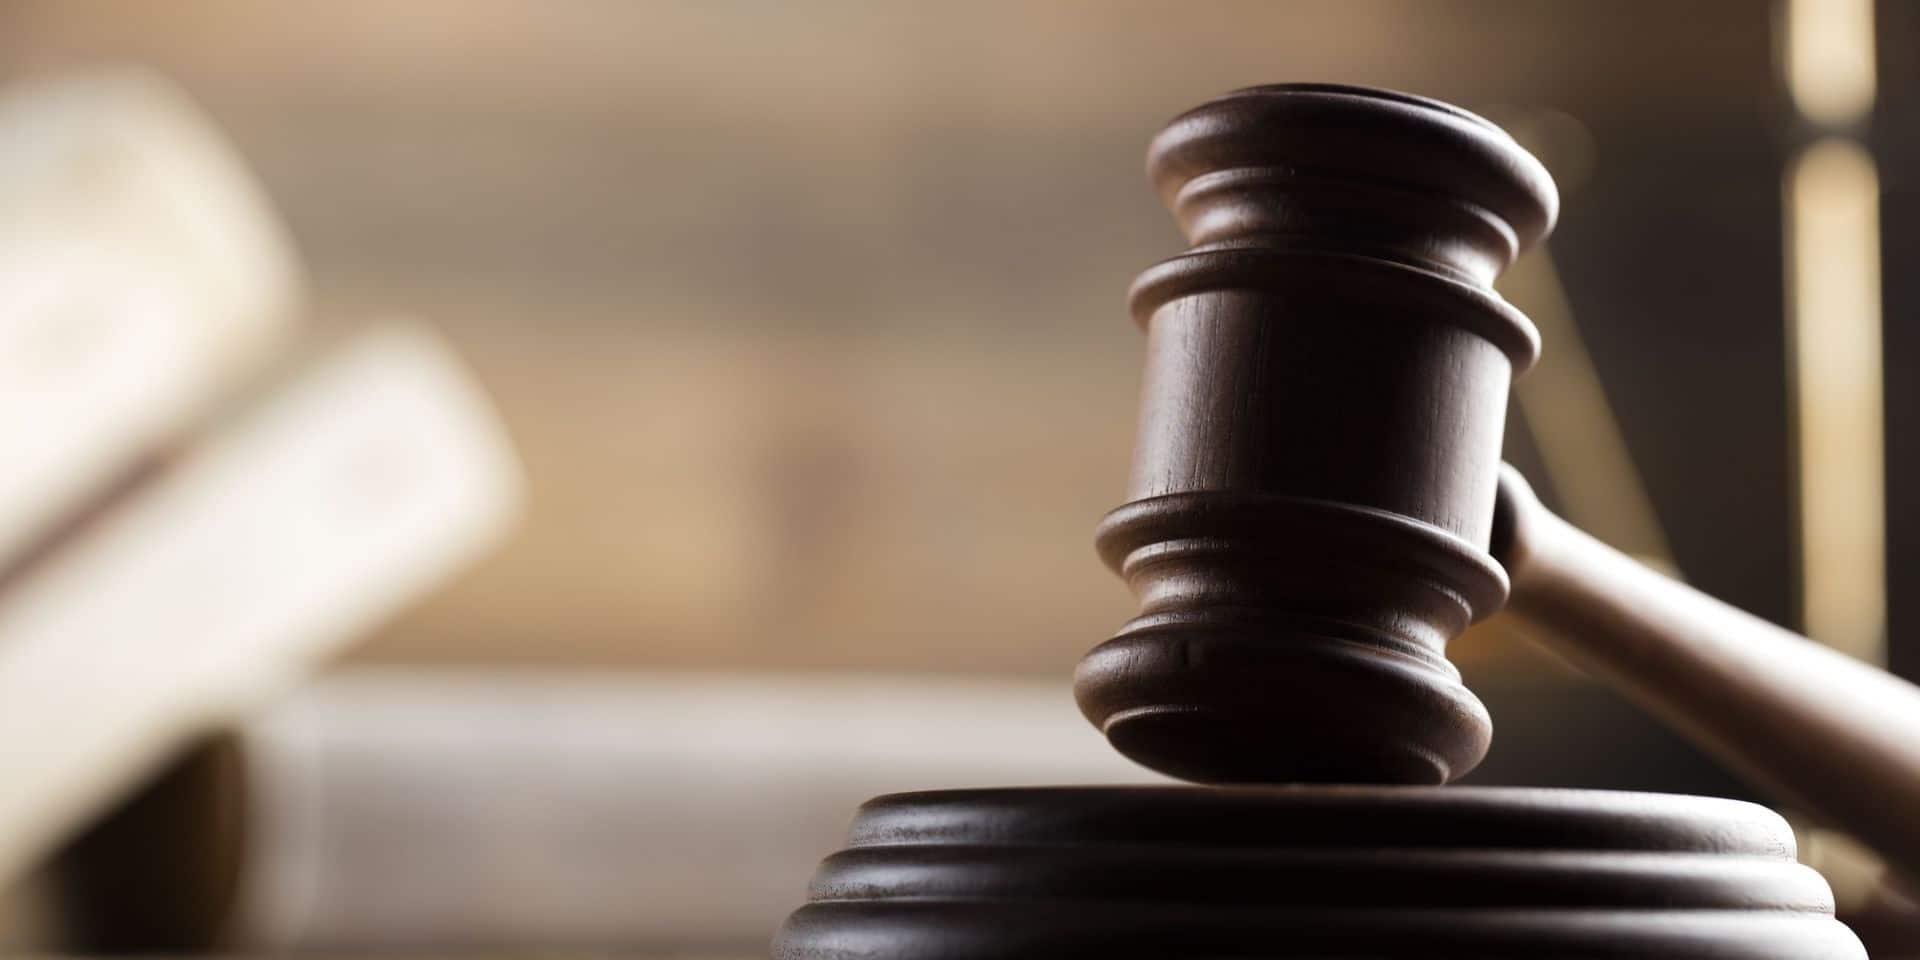 Six ans de prison pour l'homicide involontaire d'un garçon de dix mois